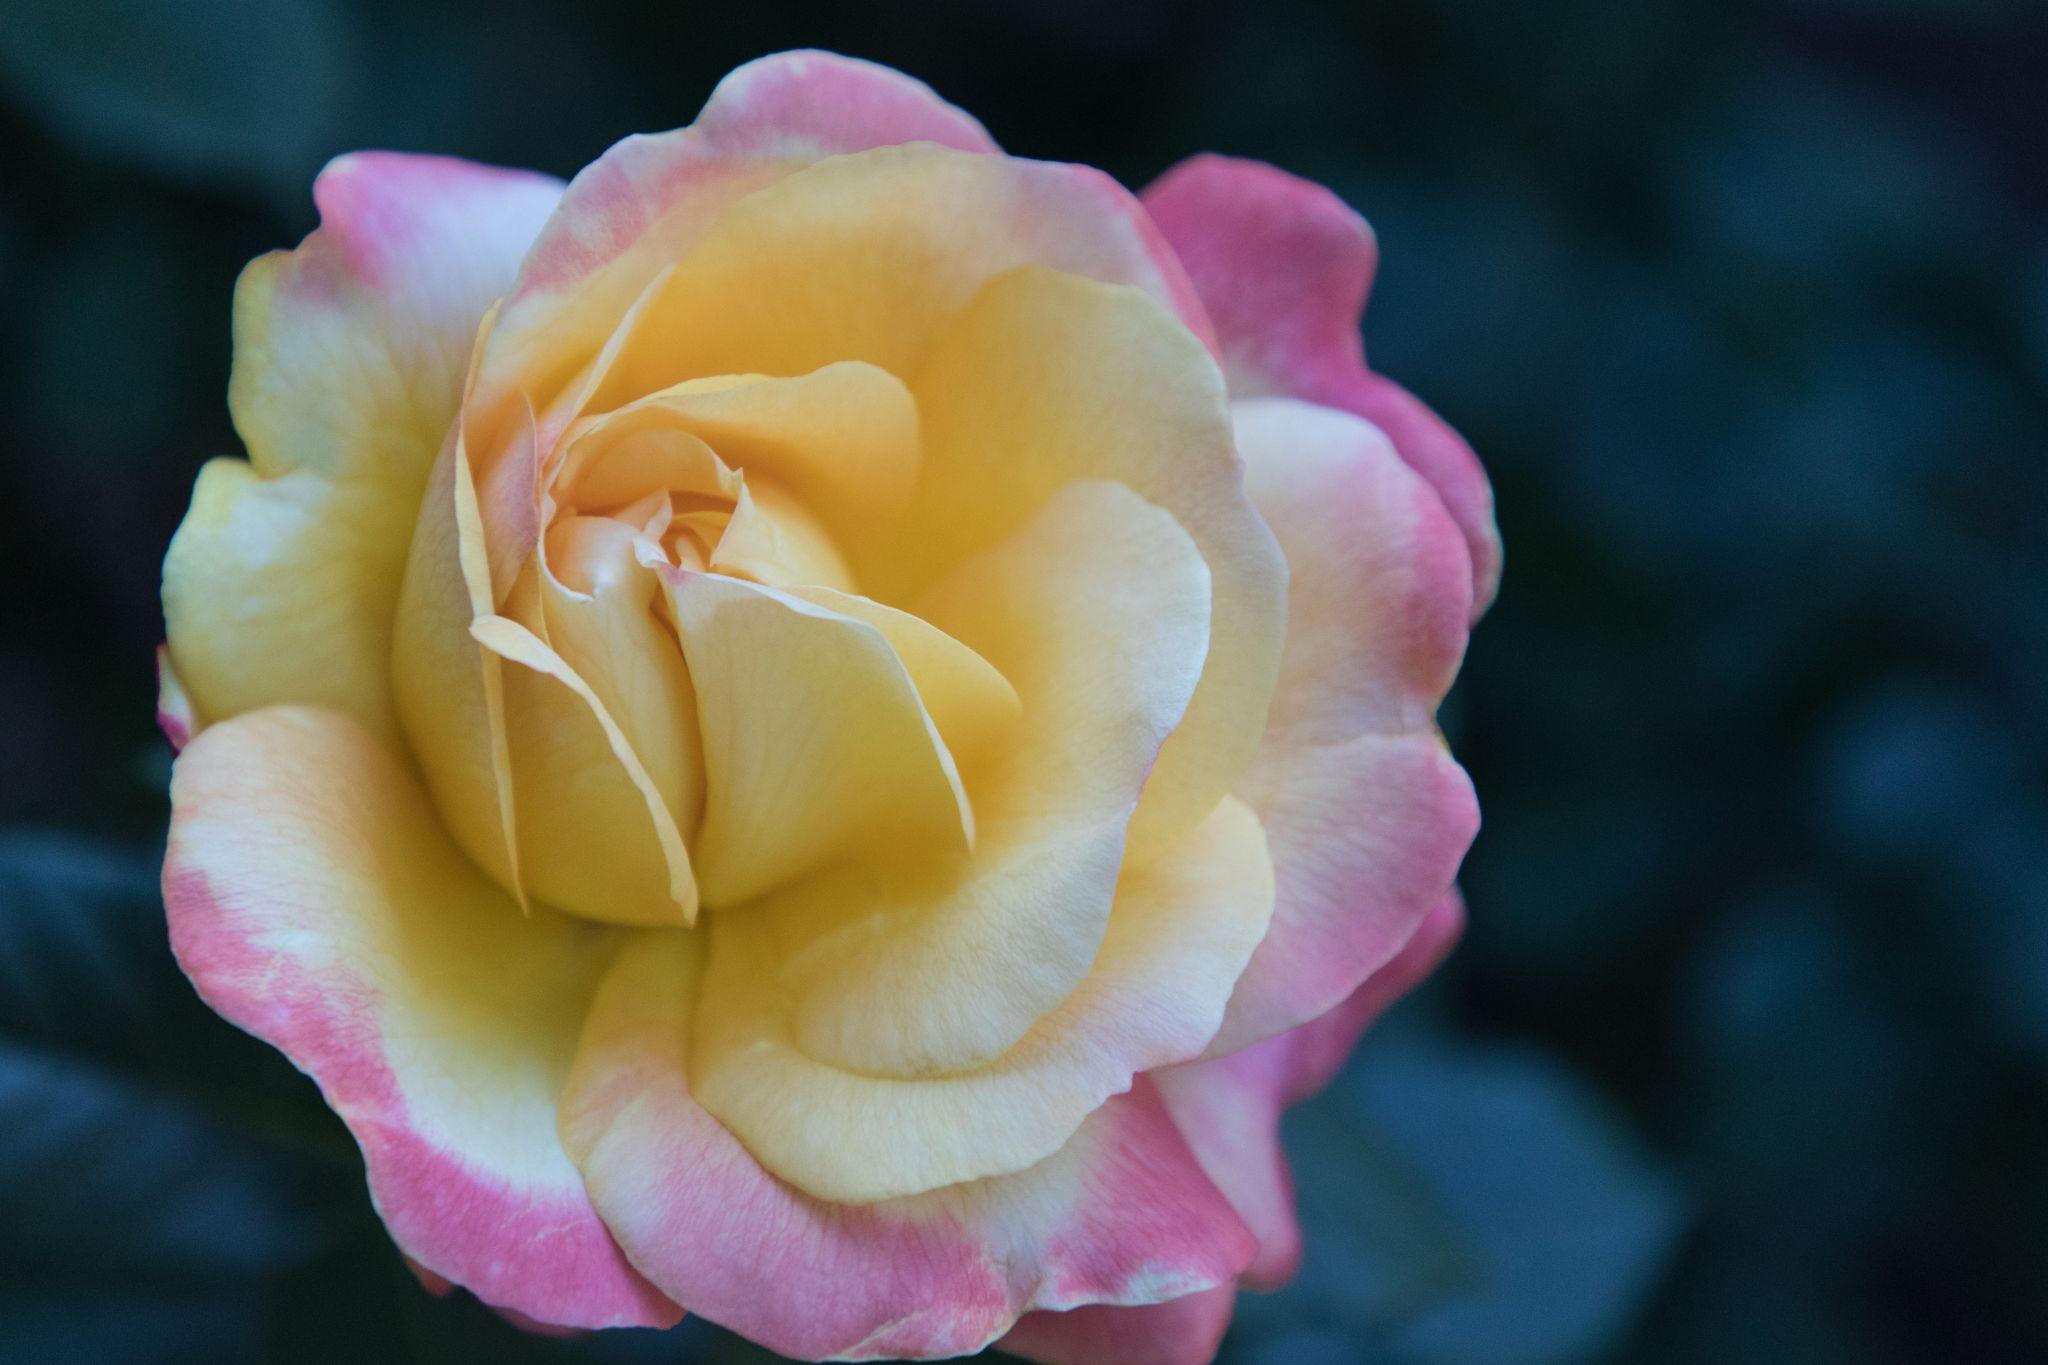 Rose Garden, Portland, USA